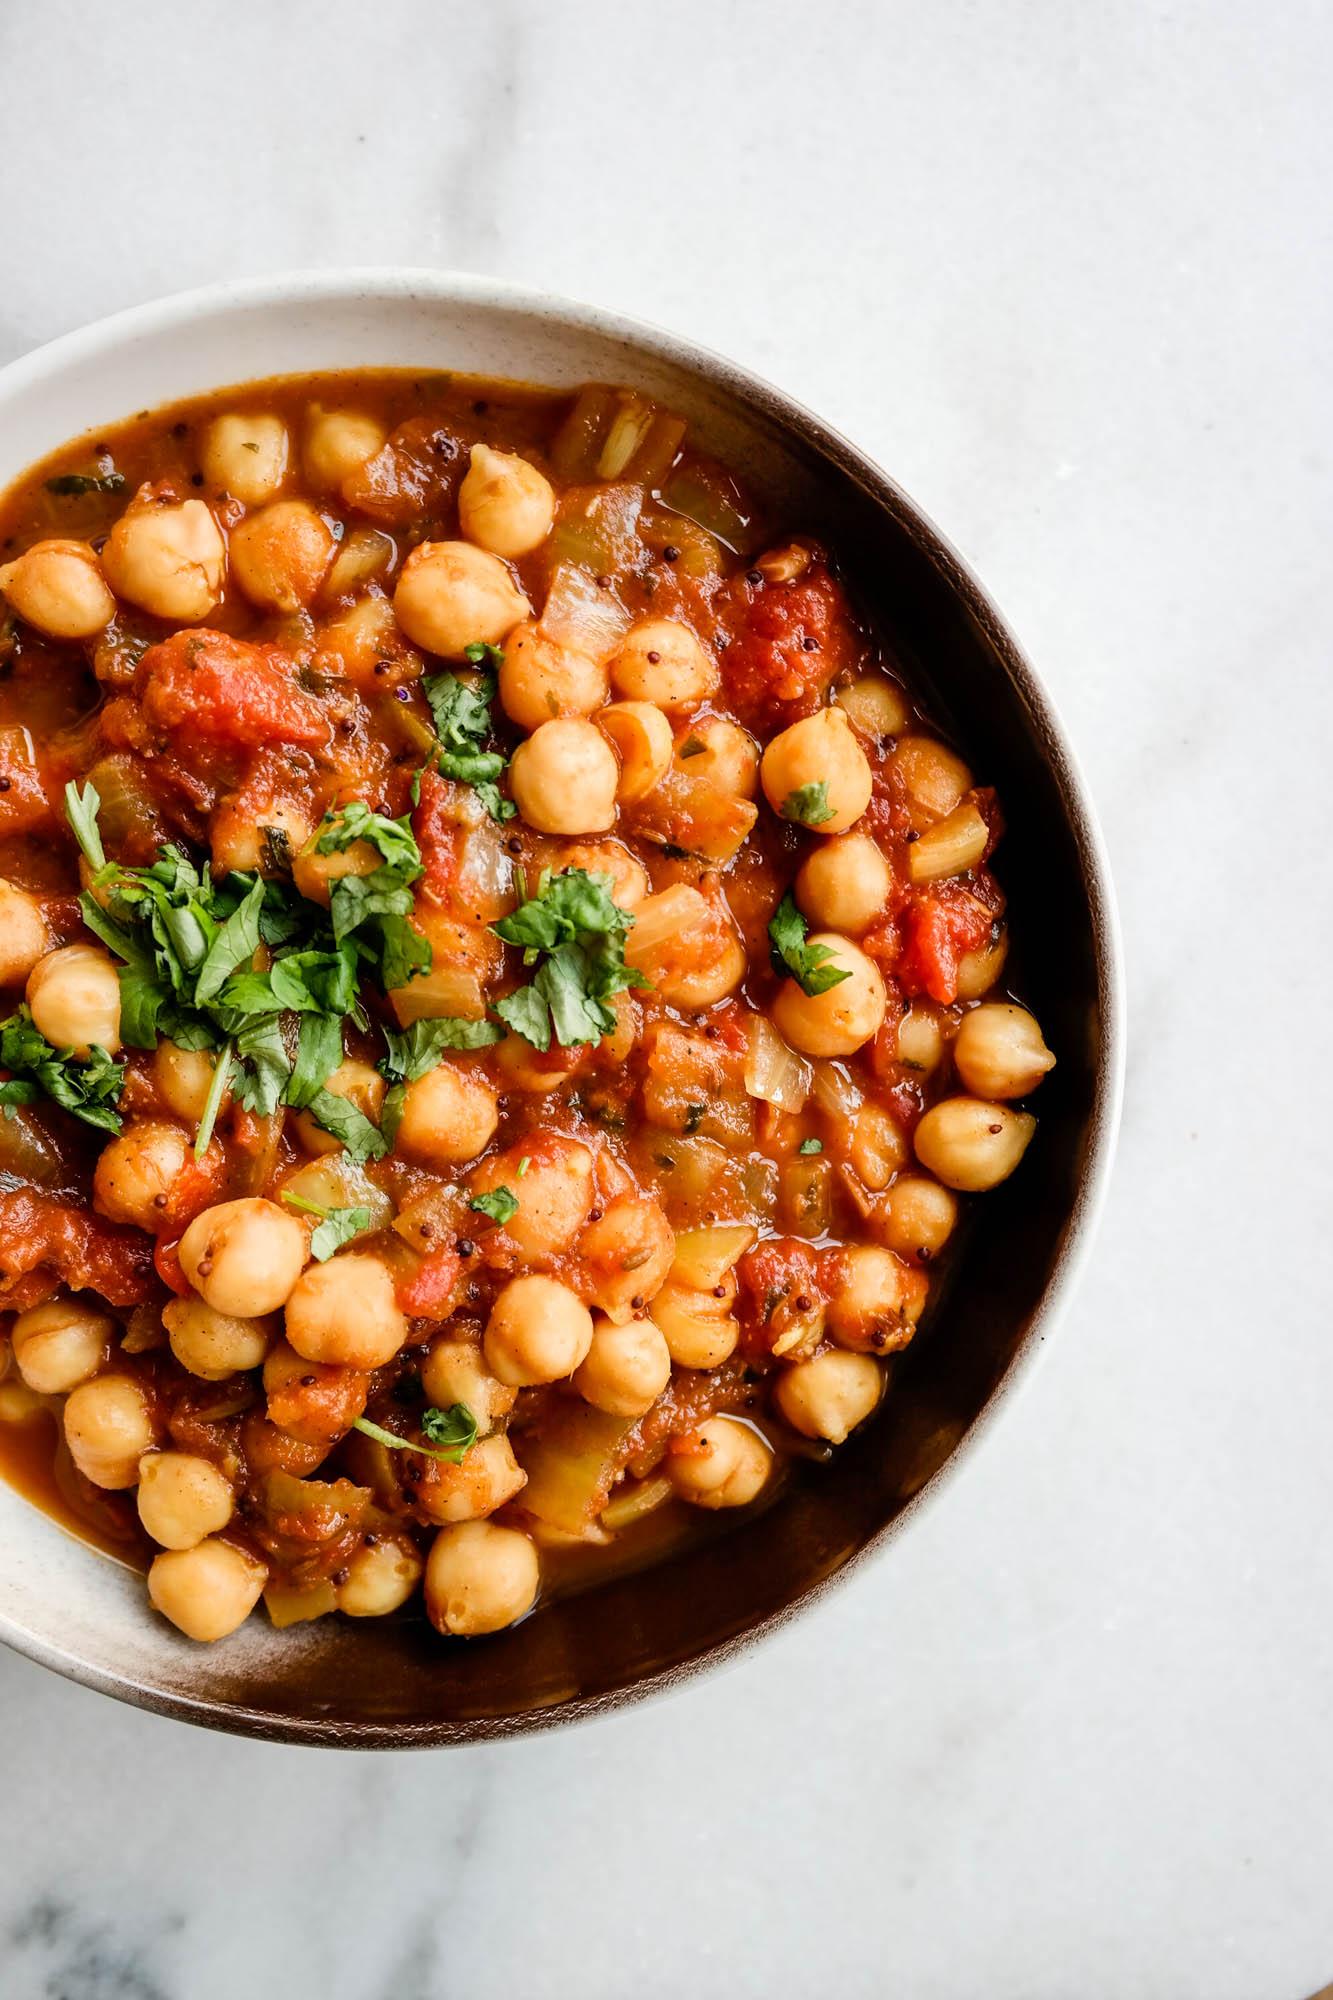 Nøkkelen til verdens beste, og veganske, chana masala er todelt: God tid. Gode råvarer.